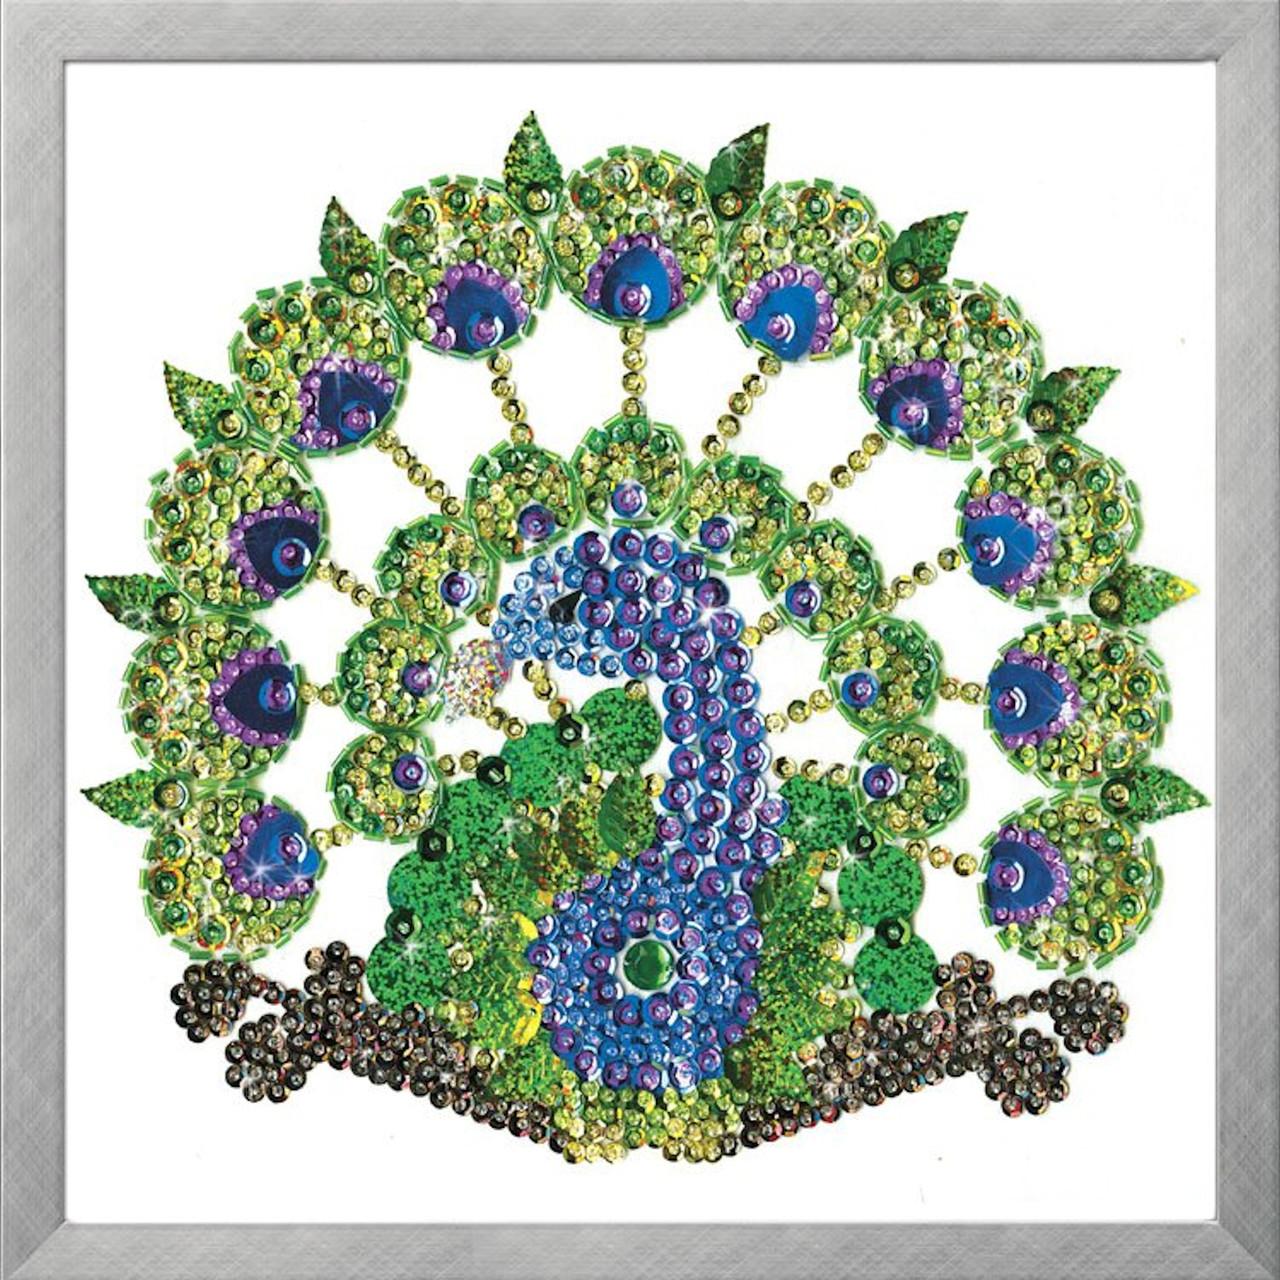 Zendazzle - Peacock